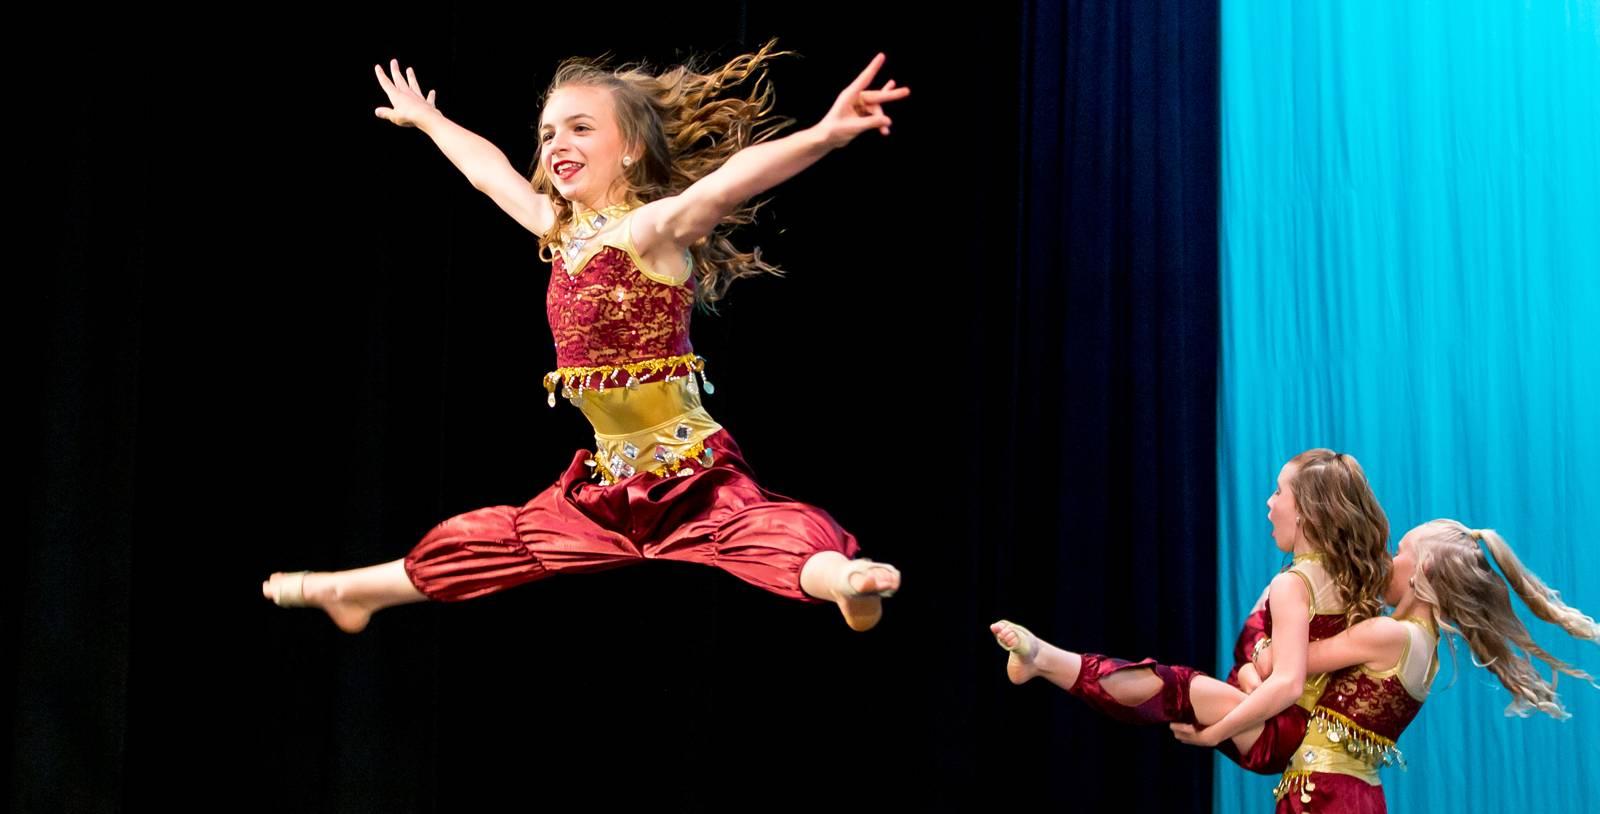 Dance Practice Tips